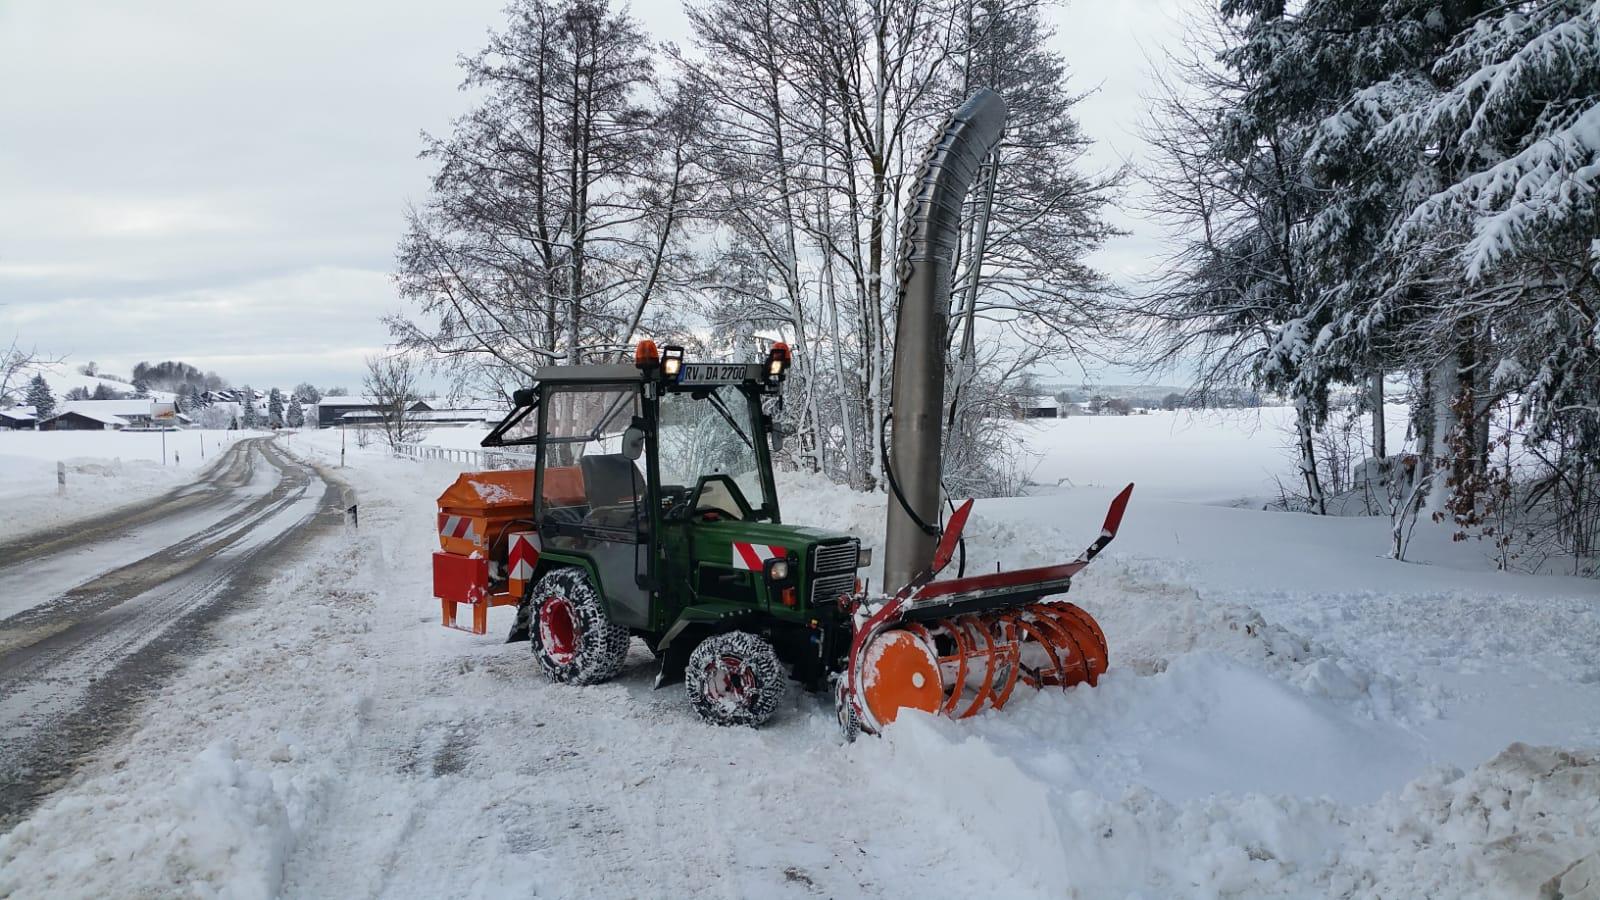 Mein Hakotrac 2700 DA im Winterdienst mit einer Zaugg SF 55-45-130 Schneefräse mit Verladekamin und Rauch UKS 120 Walzenstreuer mit Rauch Quantron A Streucomputer.